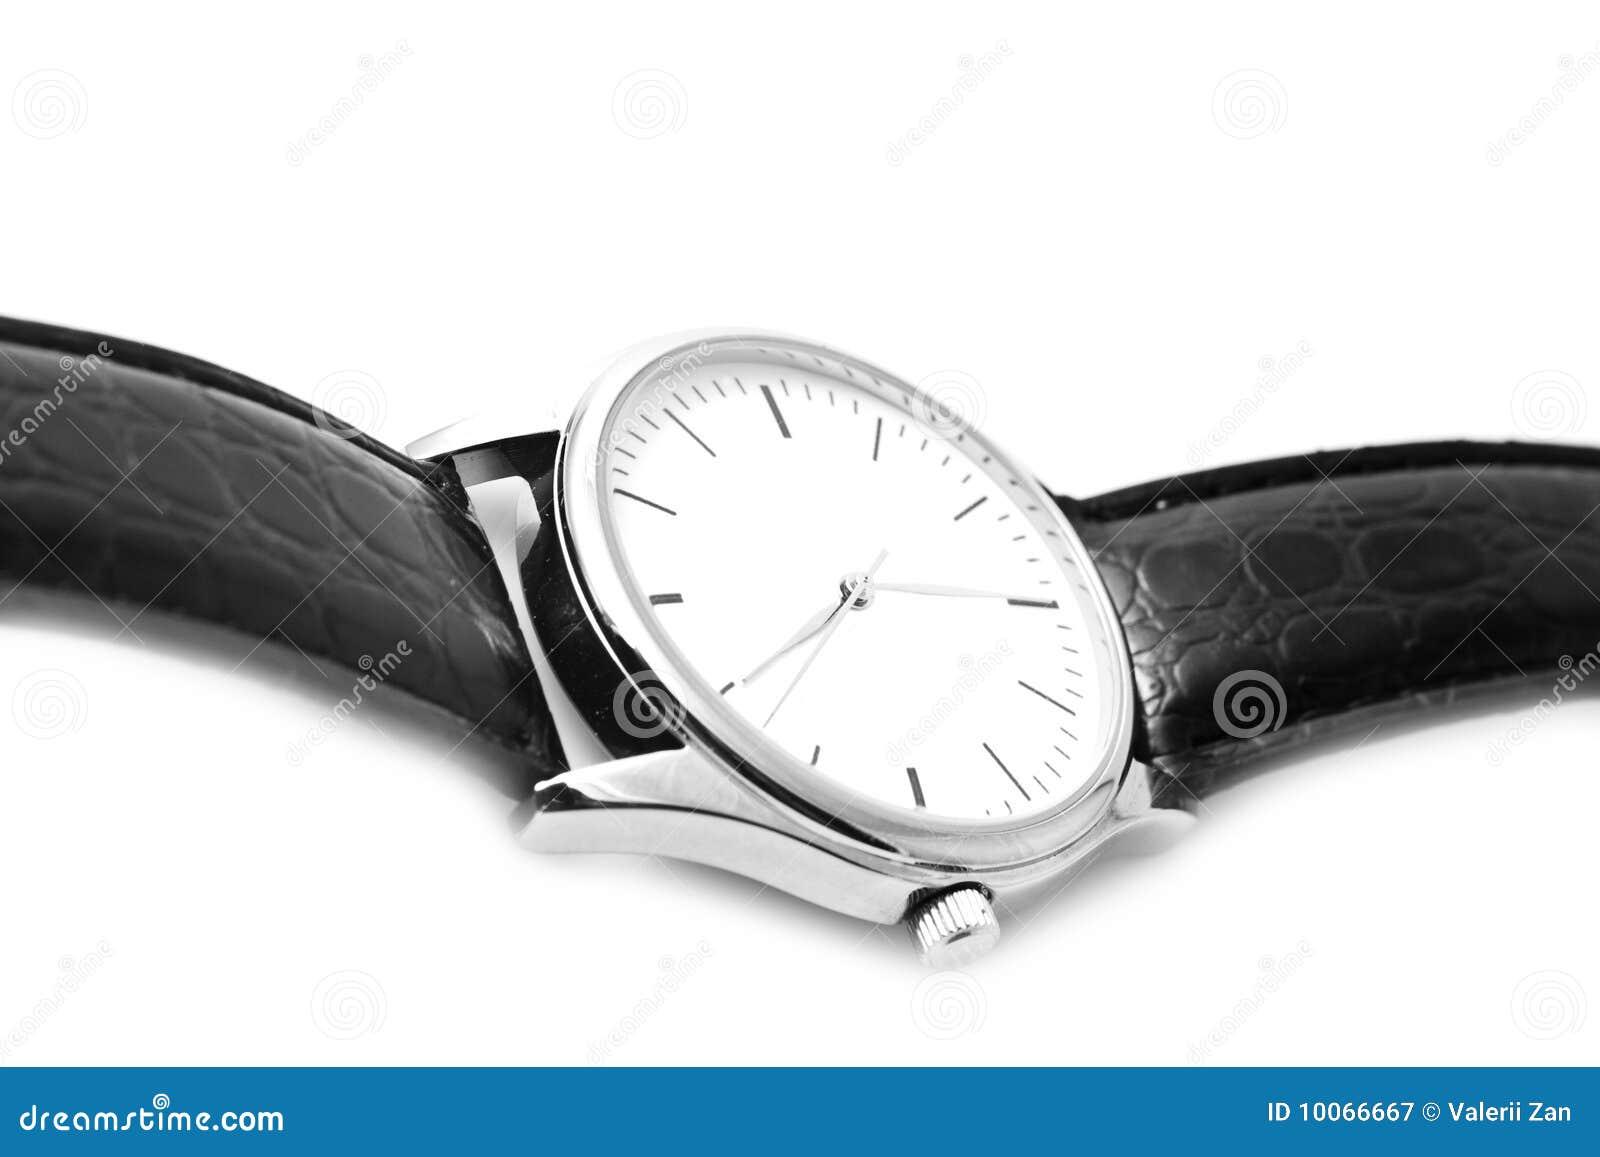 Relógios de pulso com uma cinta pequena preta